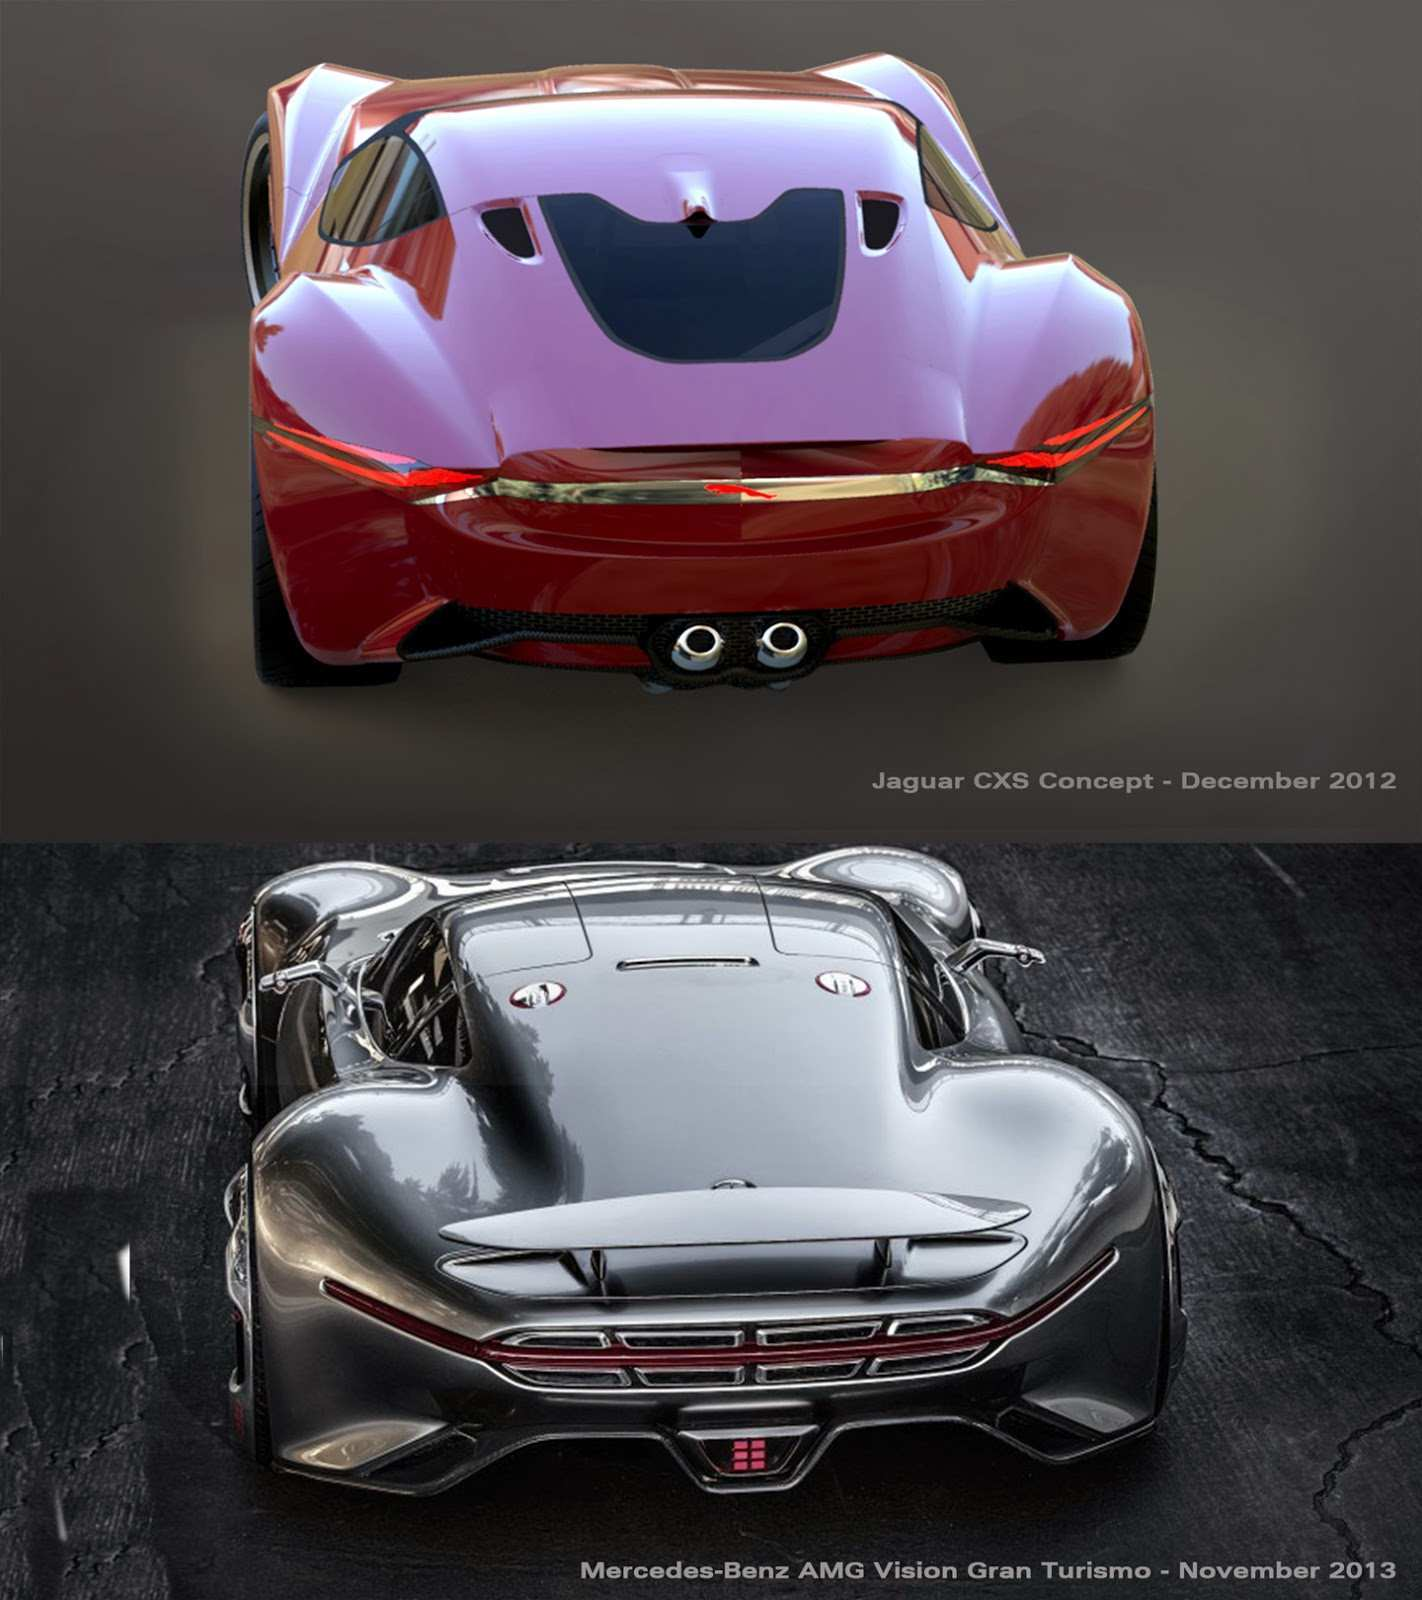 34 All New Jaguar 2020 Vision Spy Shoot with Jaguar 2020 Vision